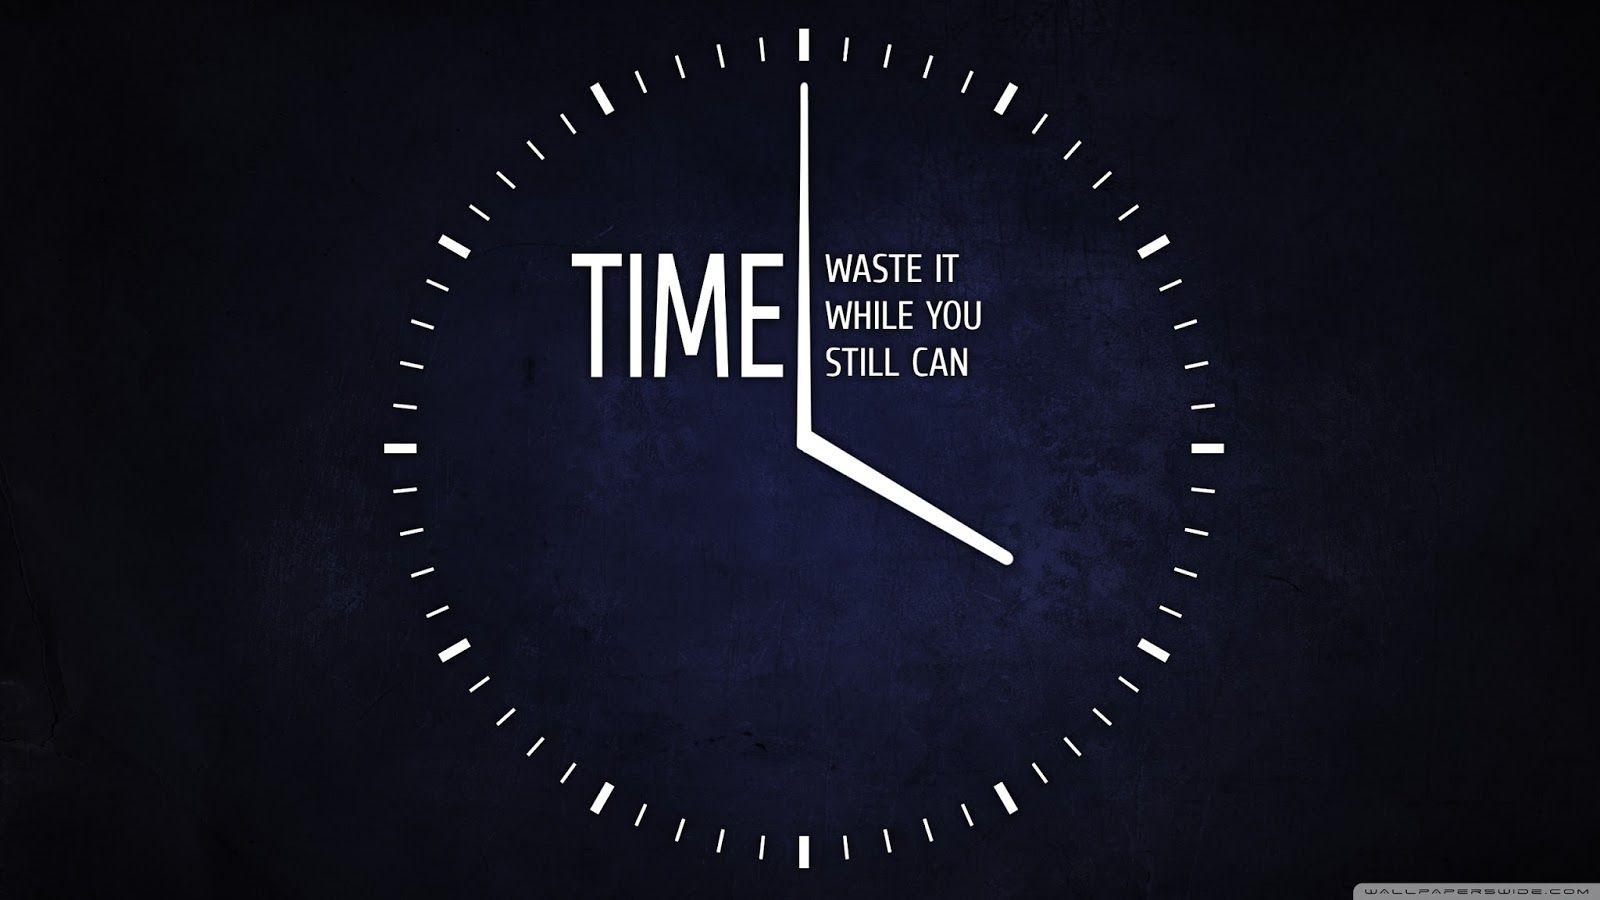 мелодрамы, заставка часы на фоне земли посредников Что делать